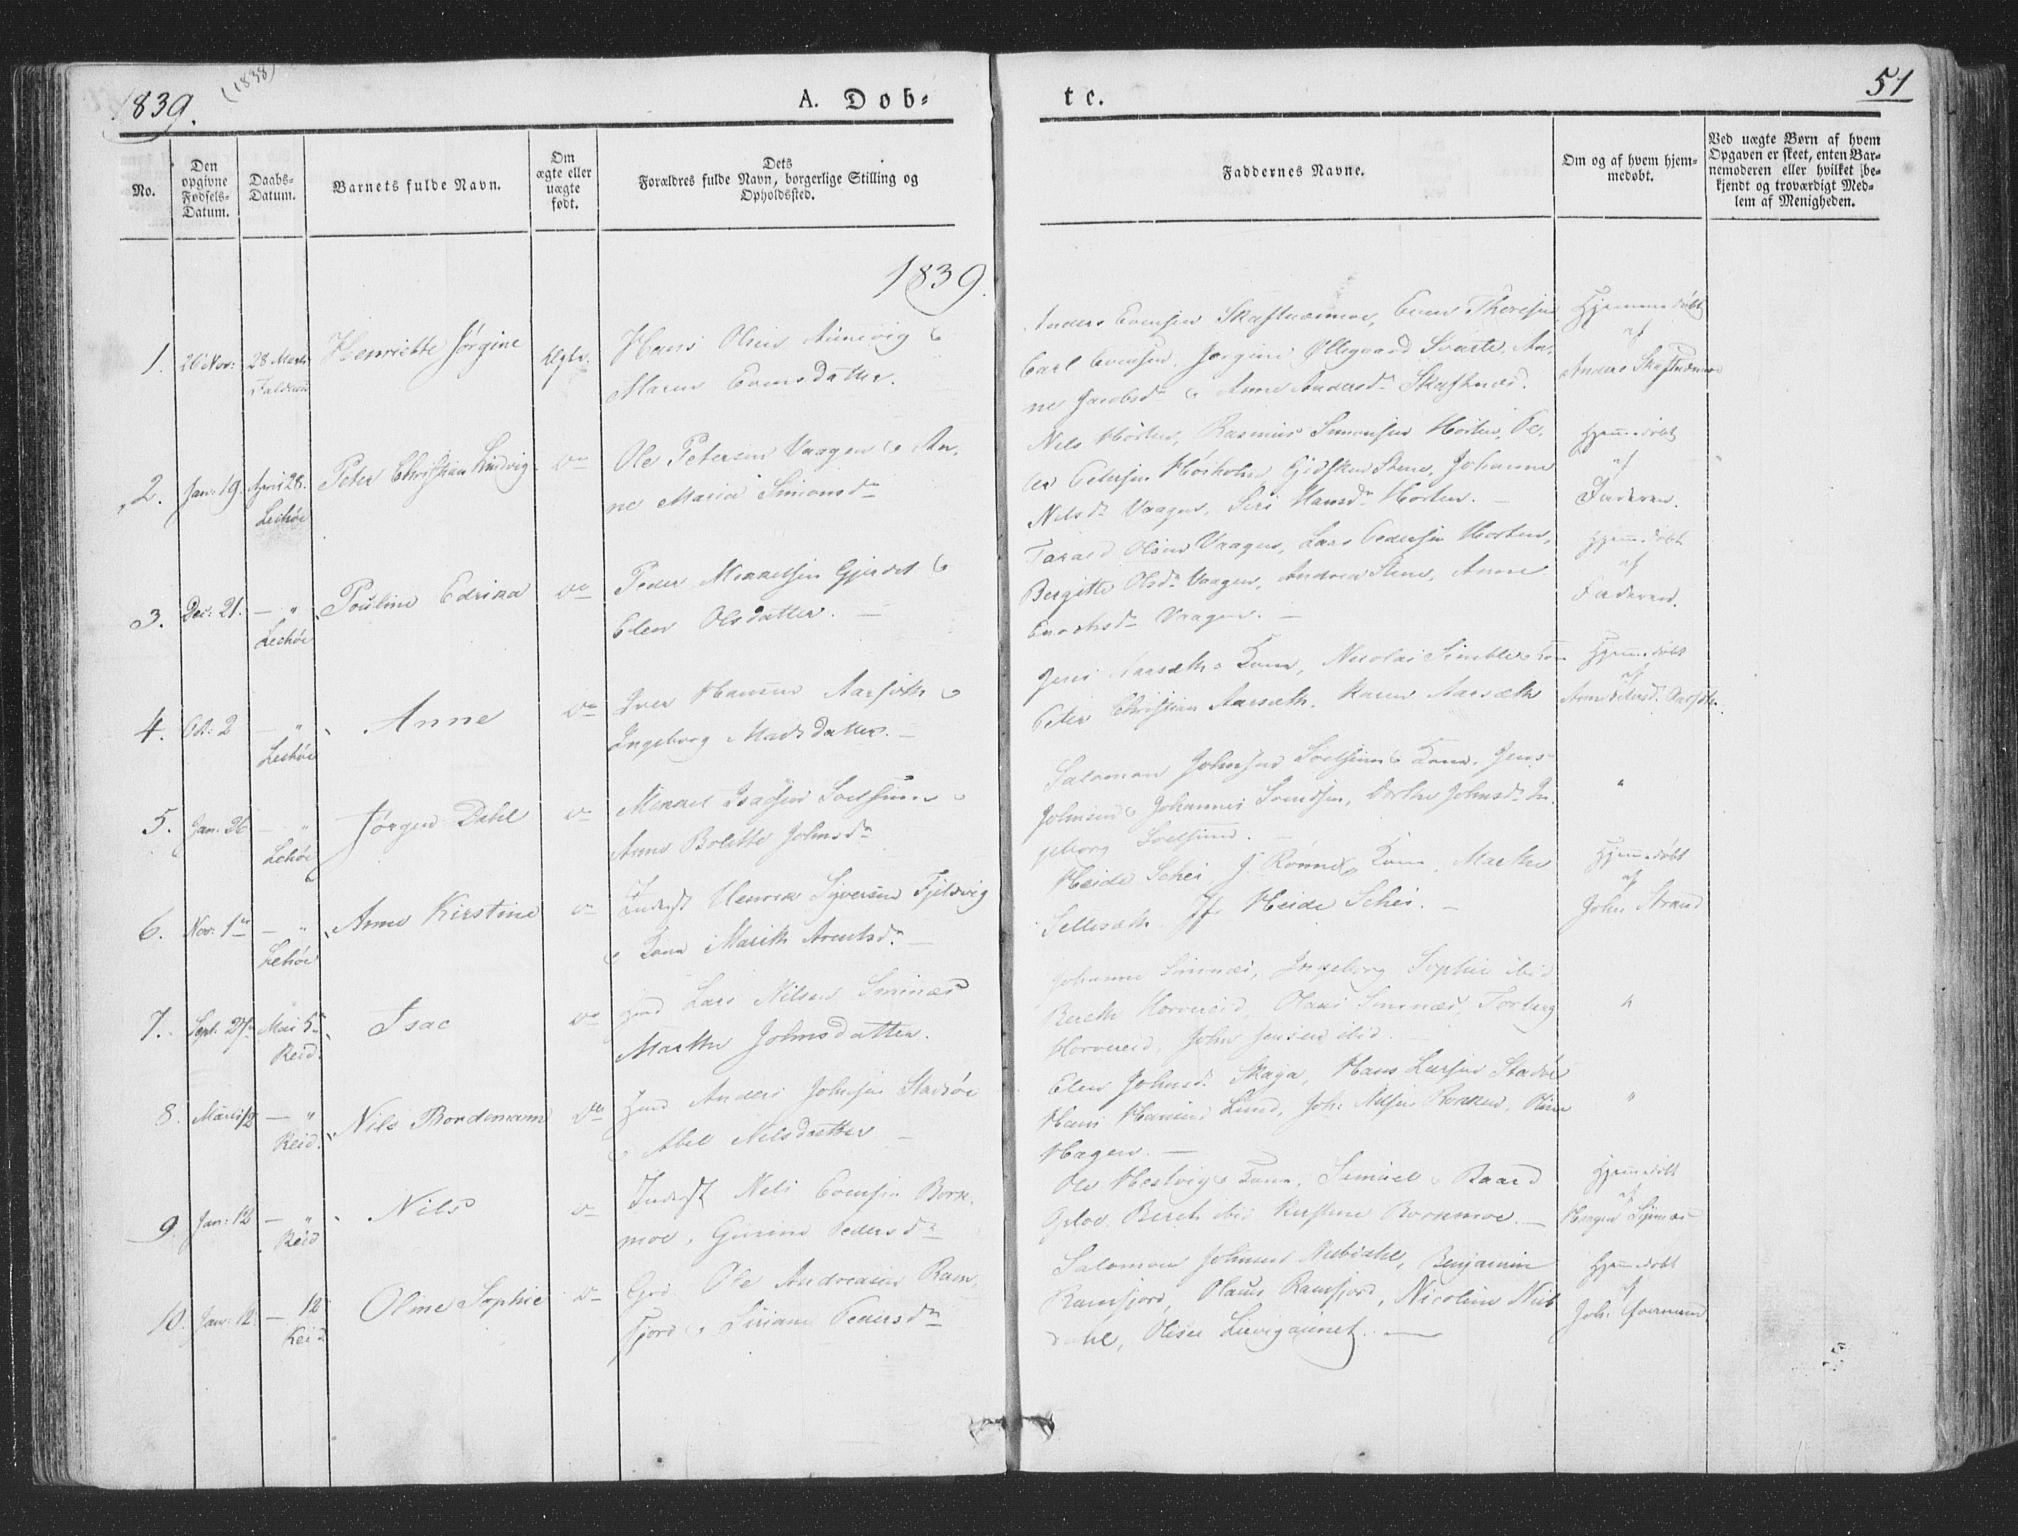 SAT, Ministerialprotokoller, klokkerbøker og fødselsregistre - Nord-Trøndelag, 780/L0639: Ministerialbok nr. 780A04, 1830-1844, s. 51